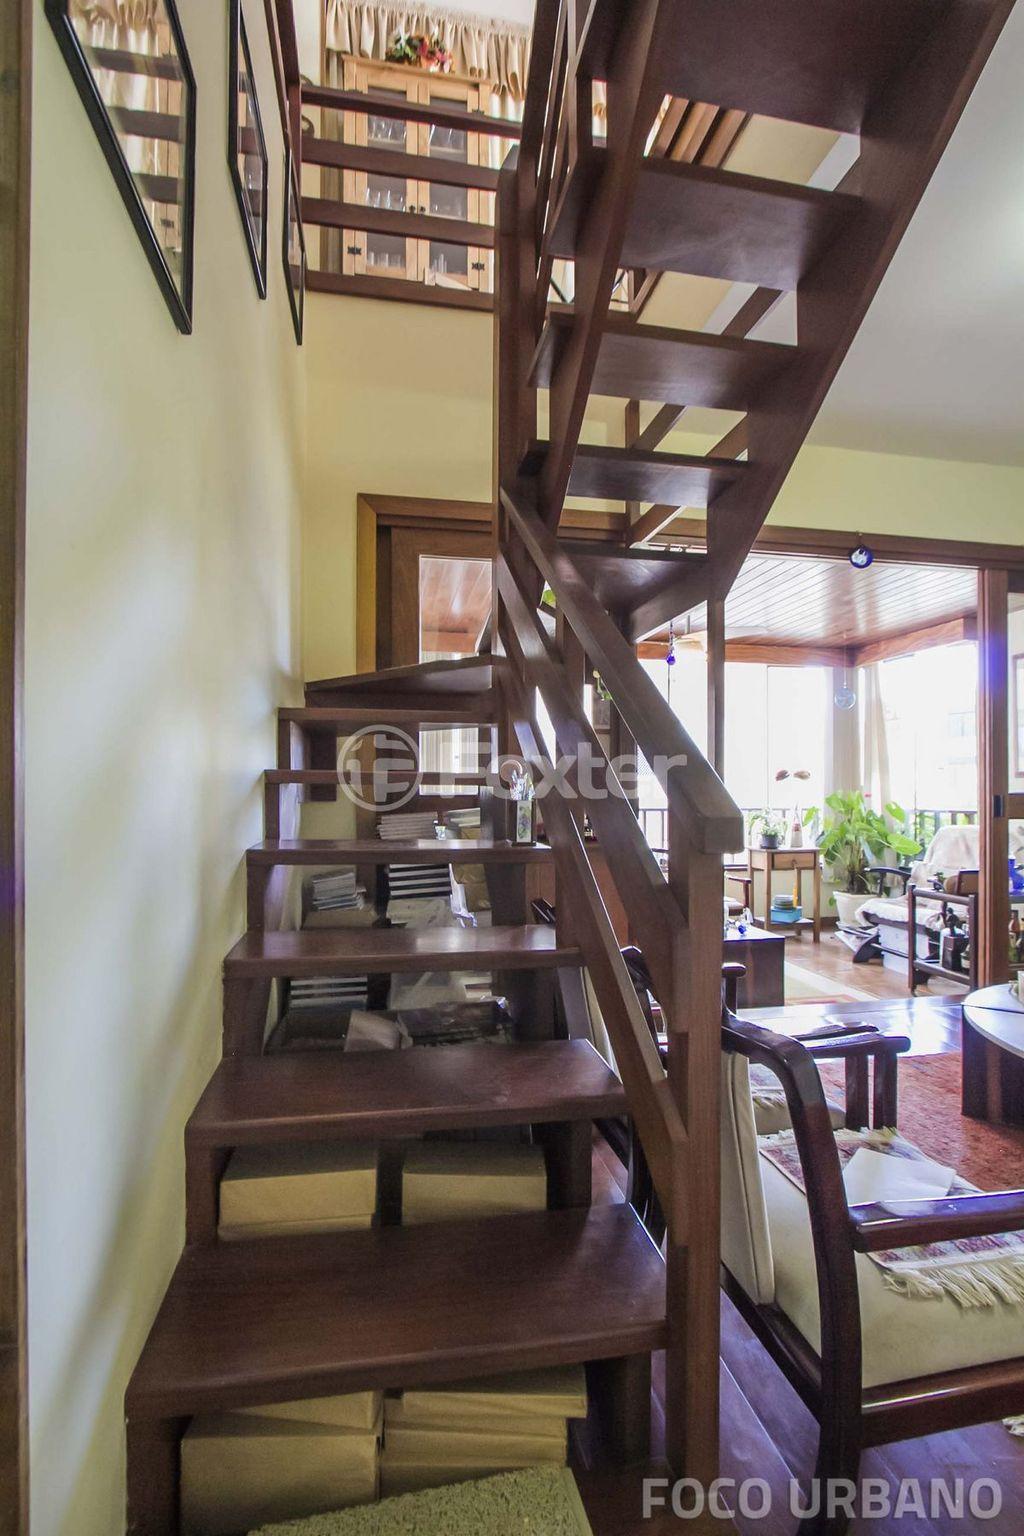 Residenza - Cobertura 2 Dorm, Bela Vista, Porto Alegre (185) - Foto 13